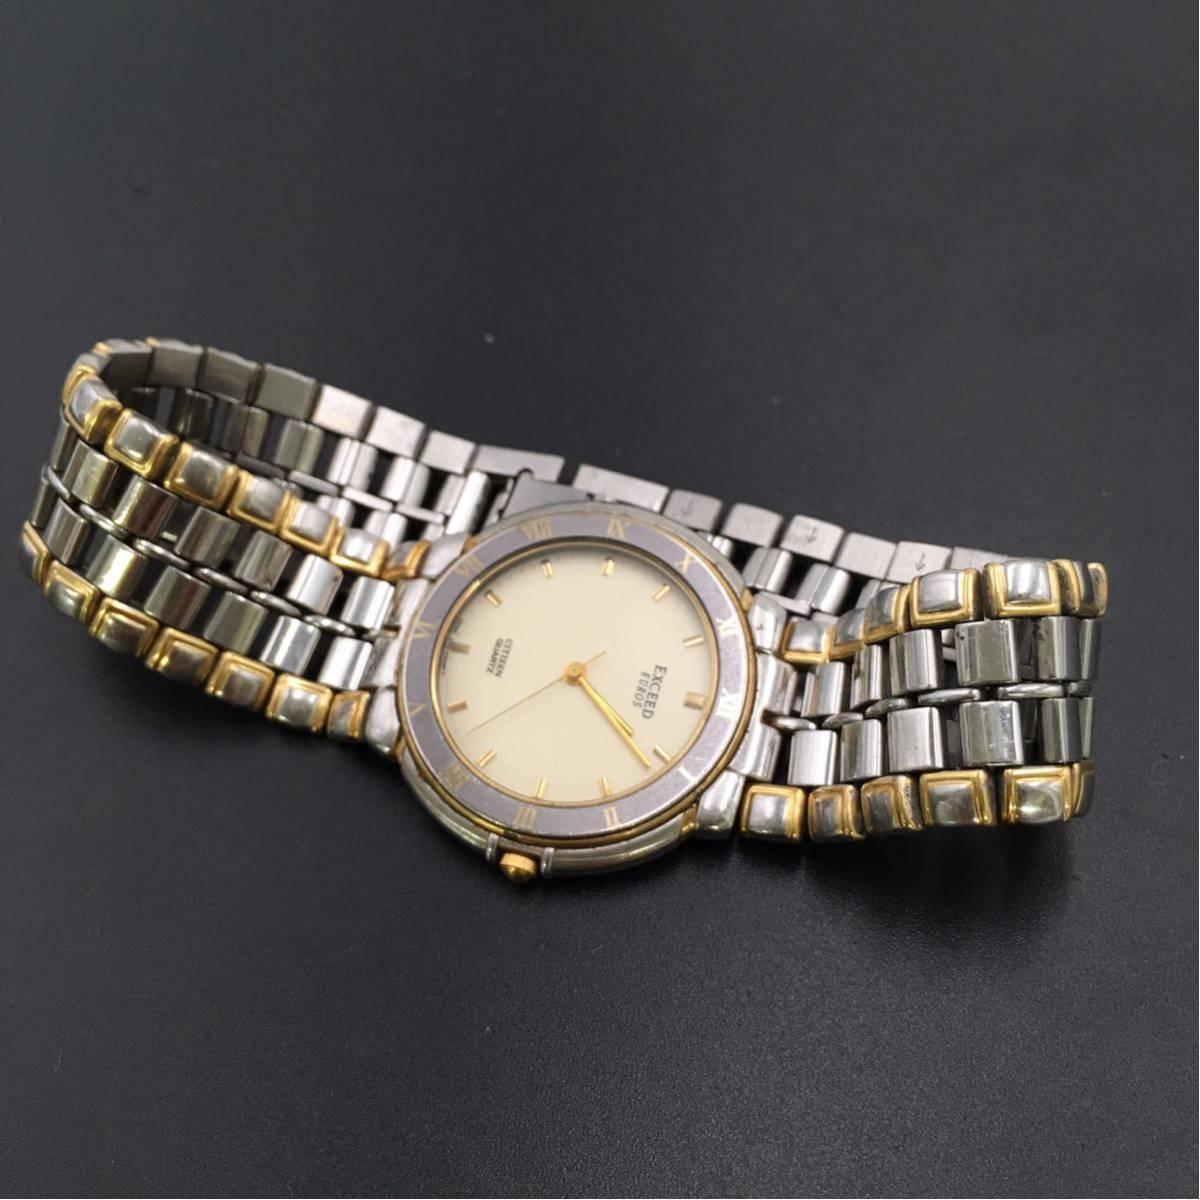 CITIZEN シチズン EXCEED エクシード クォーツ時計 3針 ゴールド&シルバー色 中古 /S158_画像5